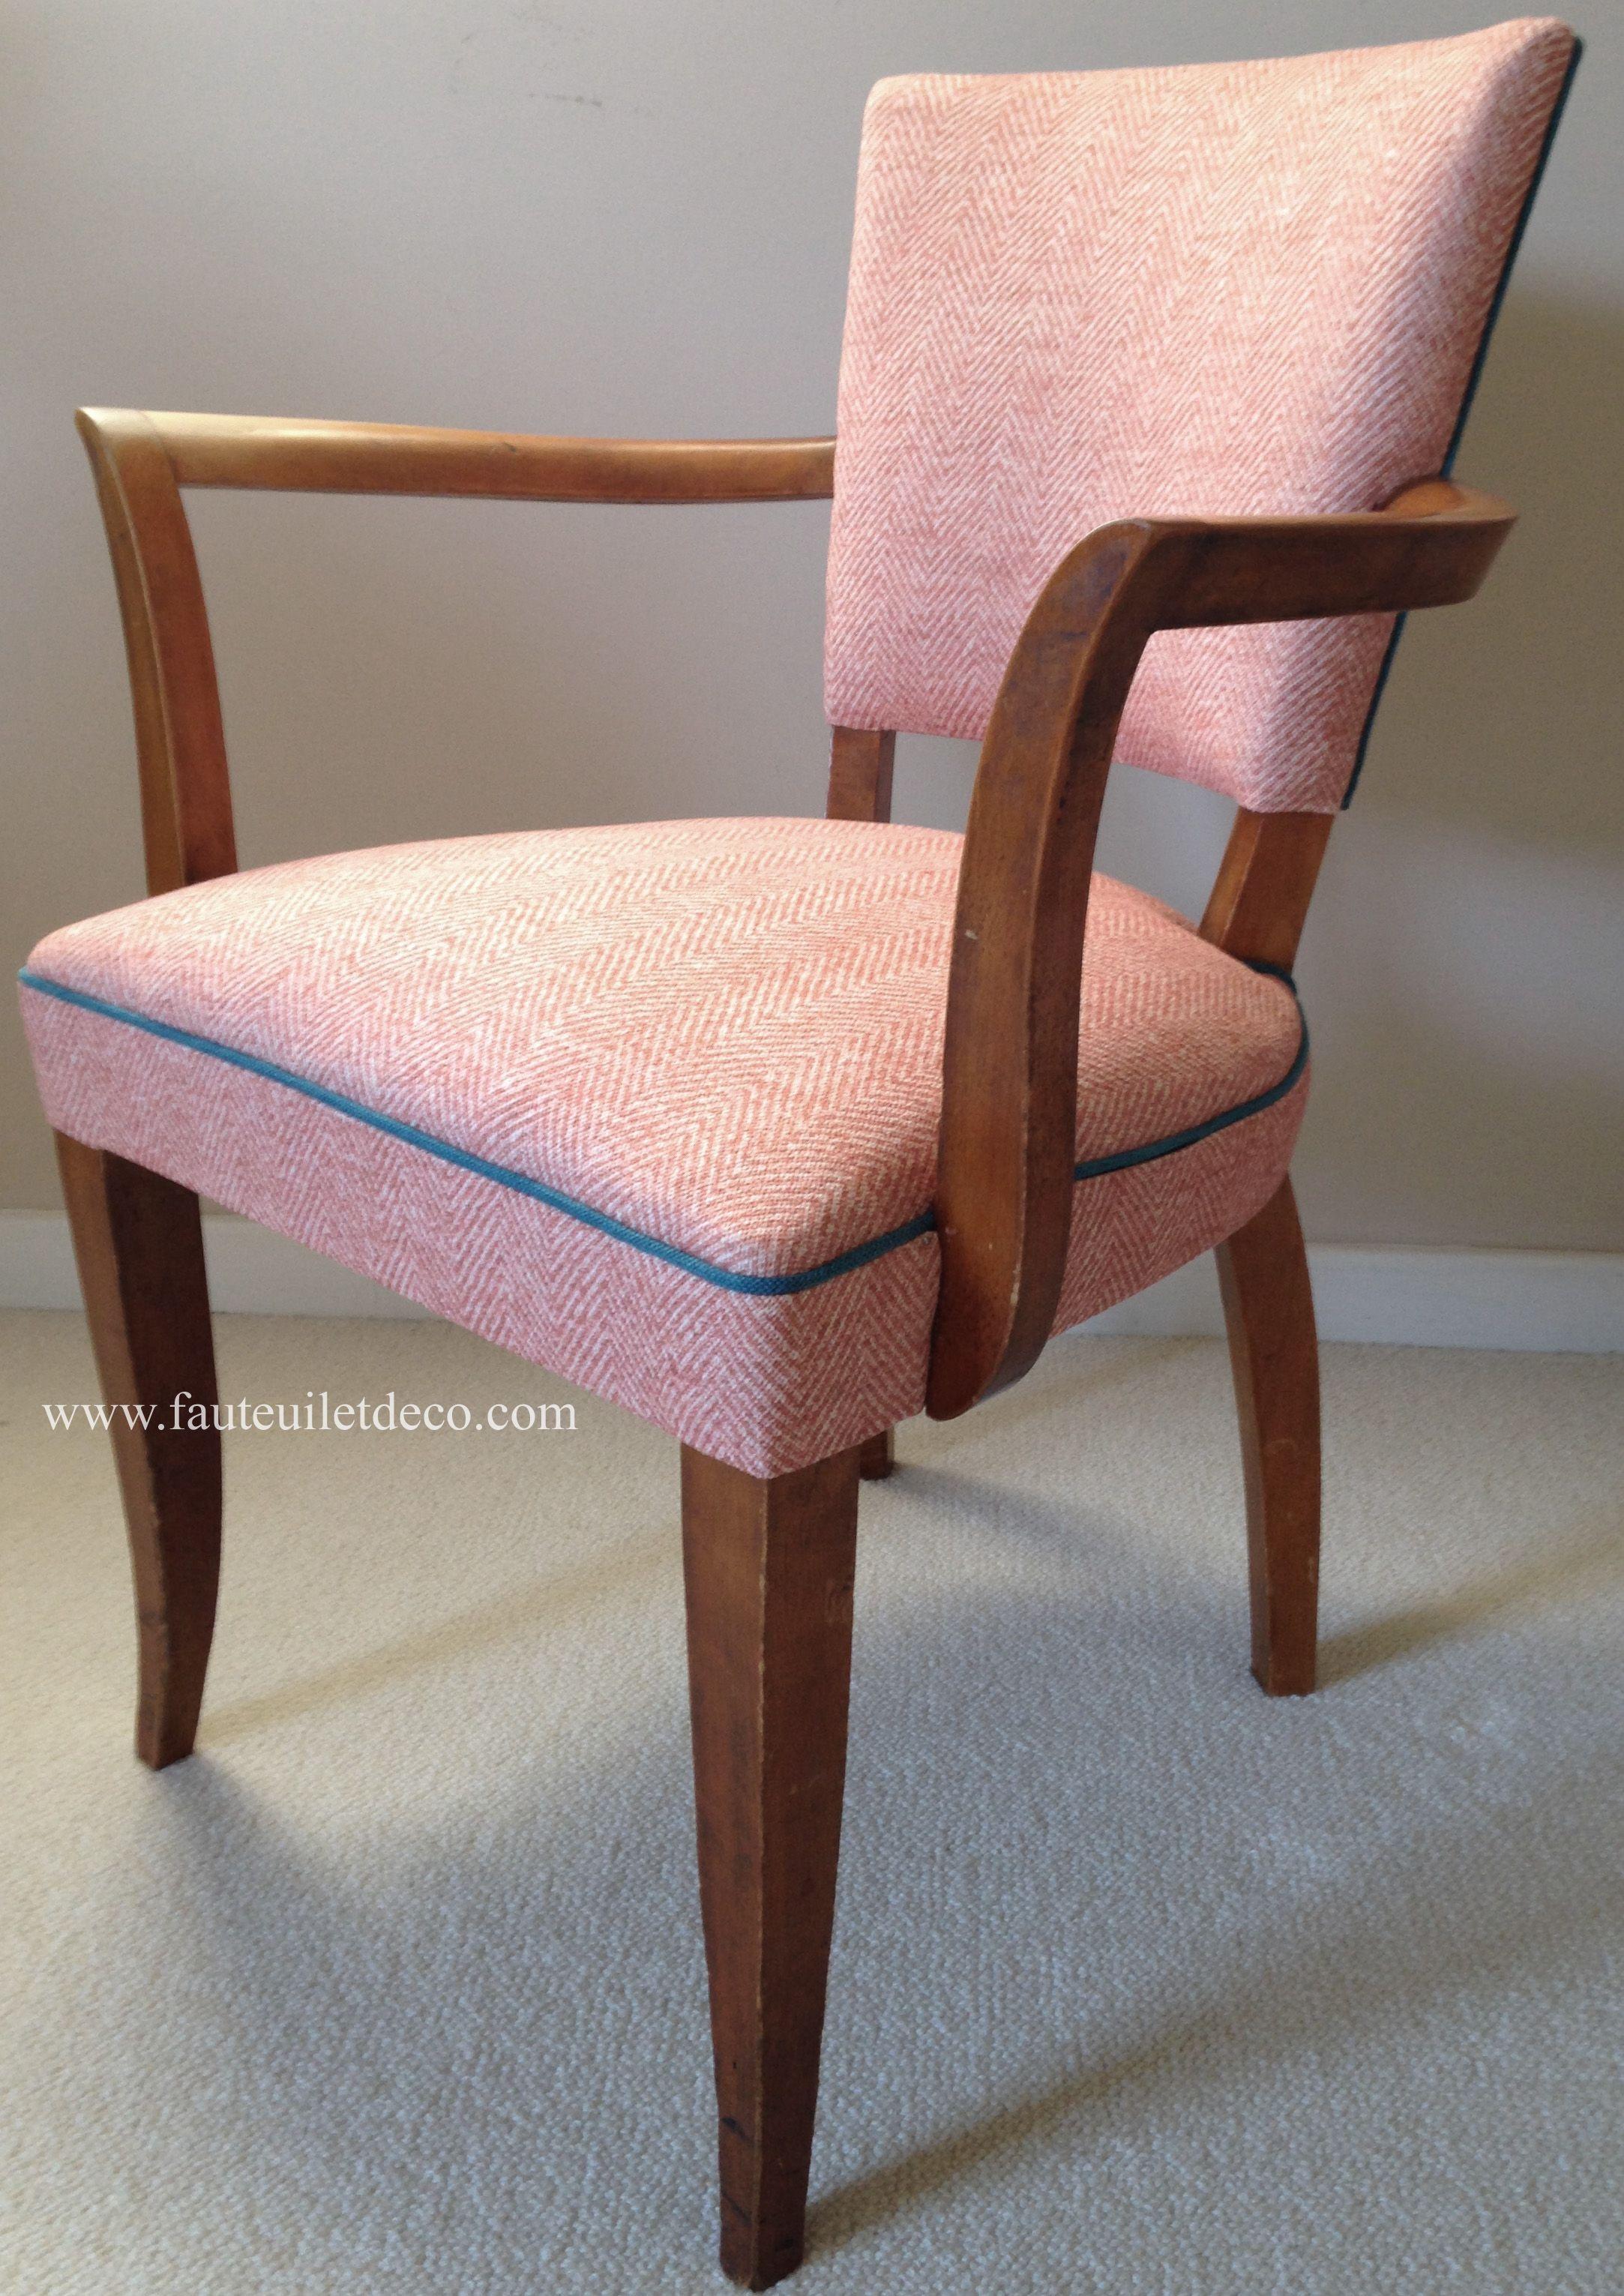 restauration fauteuil bridge Recherche Google